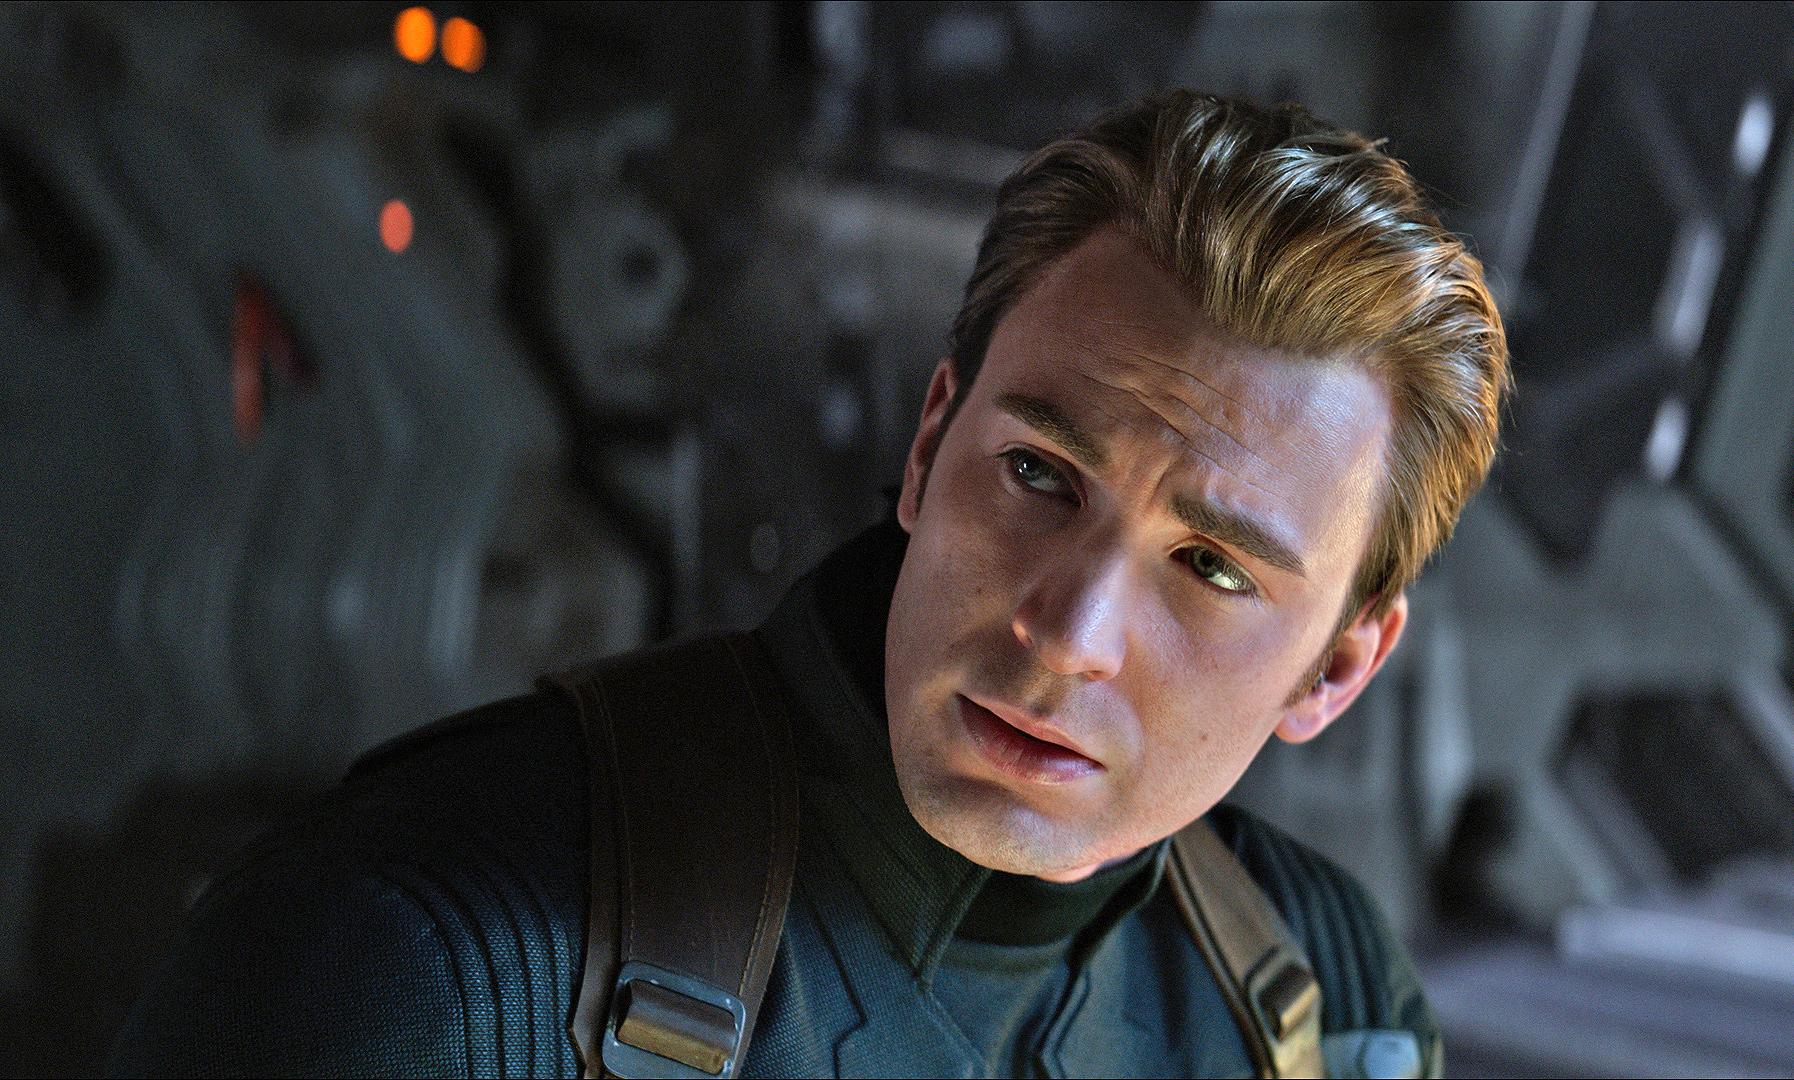 Avengers: Koniec gry - Russo o końcówce z Kapitanem Ameryką i braku sceny po napisach